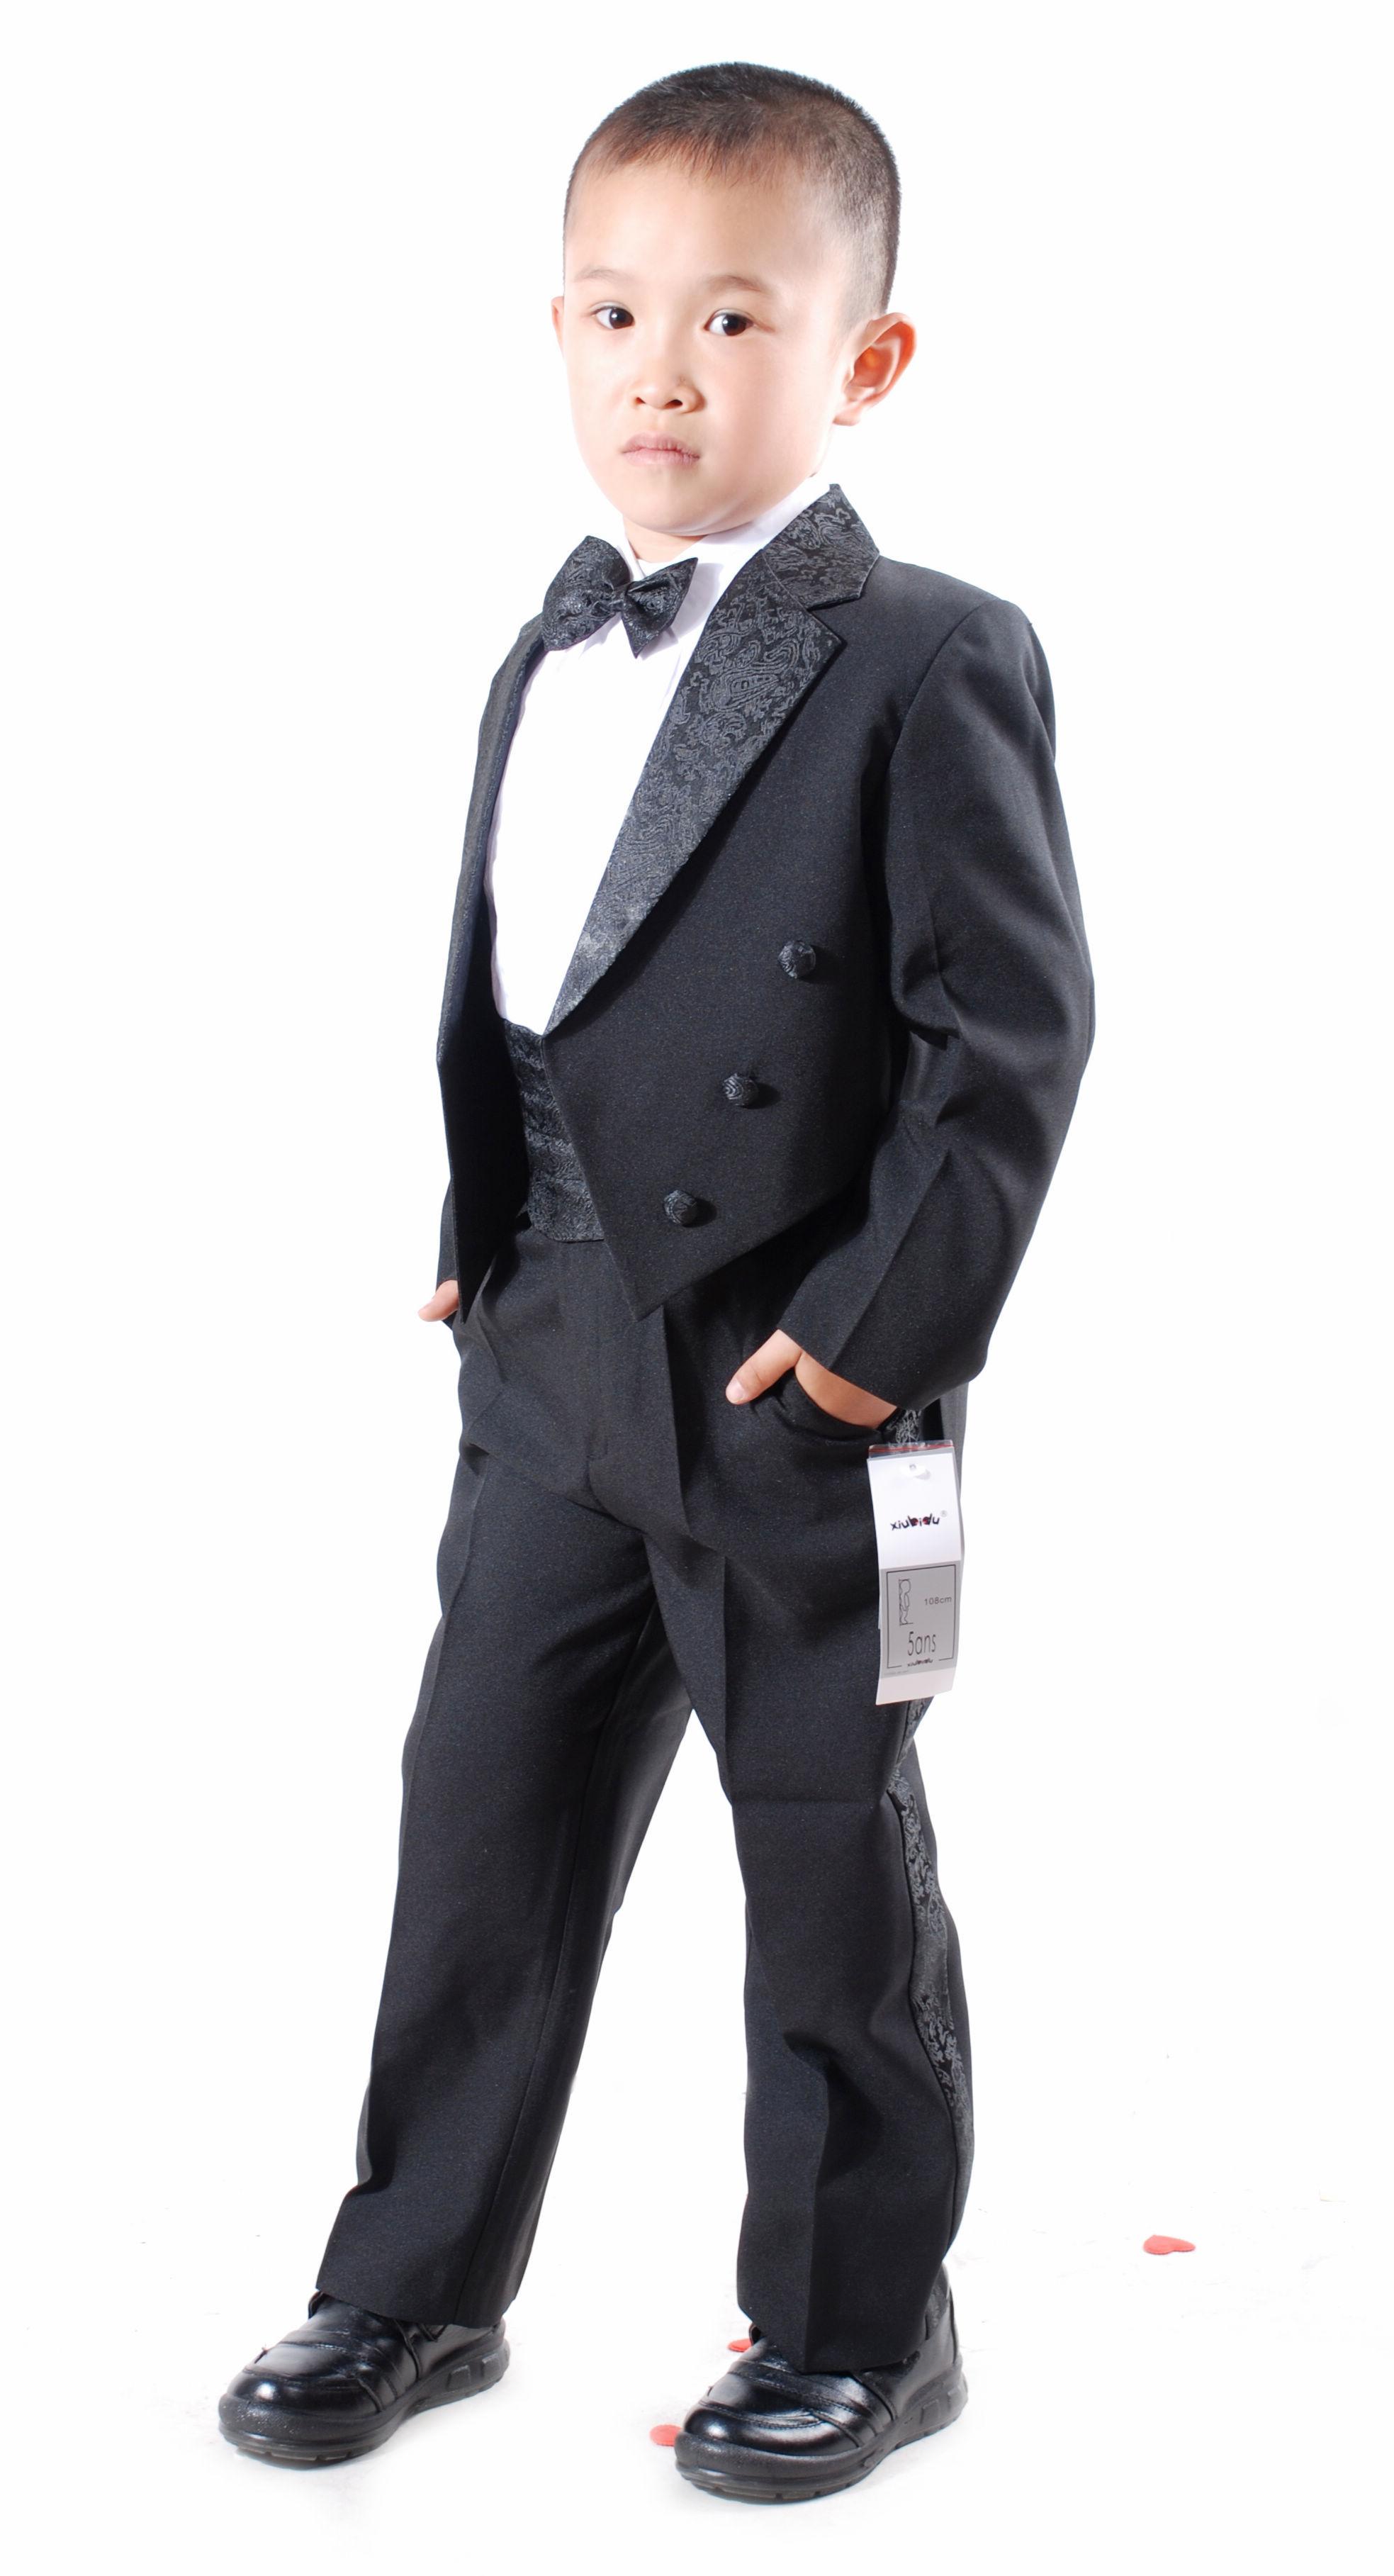 儿童演出服装 男童花童礼服学生表演服 大合唱 夏装套装FB014